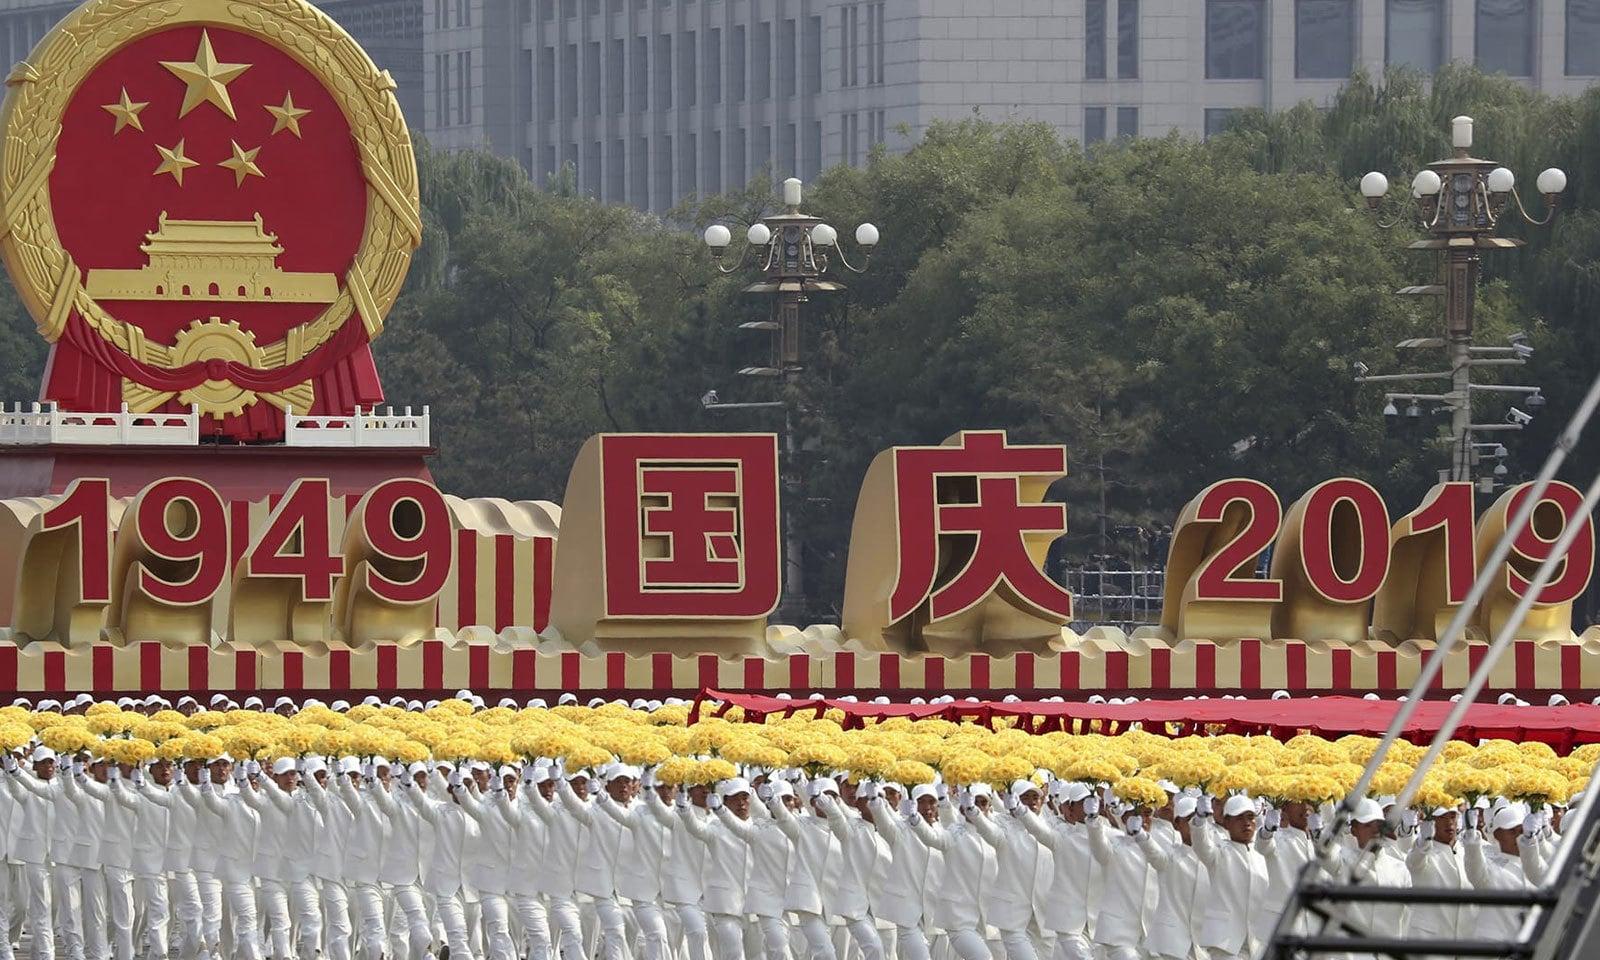 چین کے 70ویں یومِ آزادی کی تقریب کے دوران شرکا مارچ کر رہے ہیں — فوٹو: اے پی